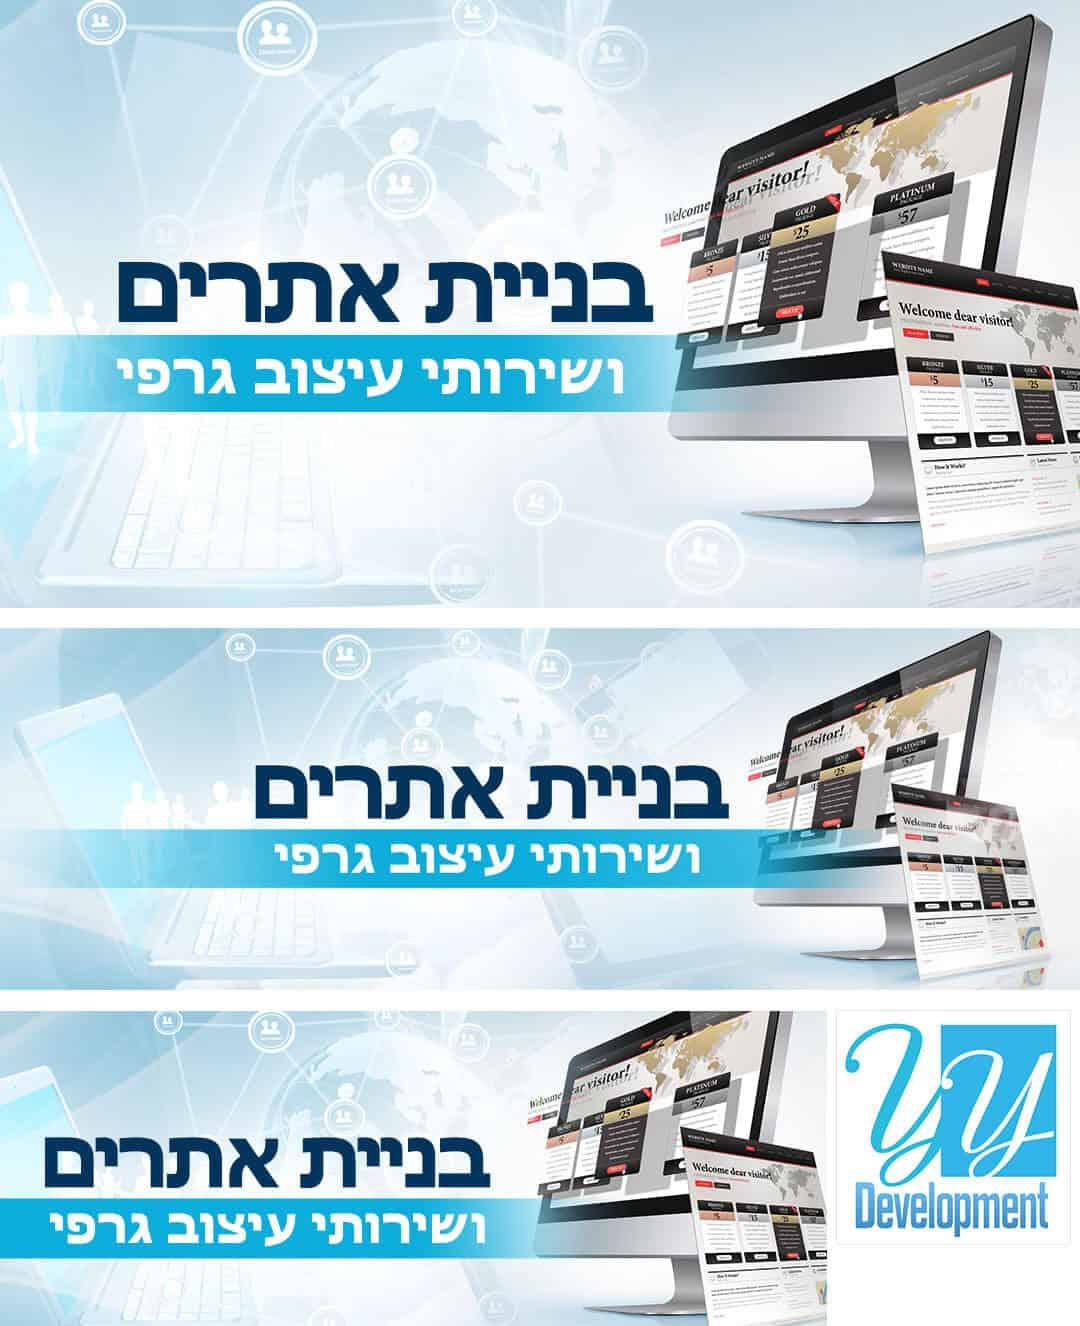 חבילת רשת חברתית לדוגמא לחברת עיצוב גרפי ובניית אתרים